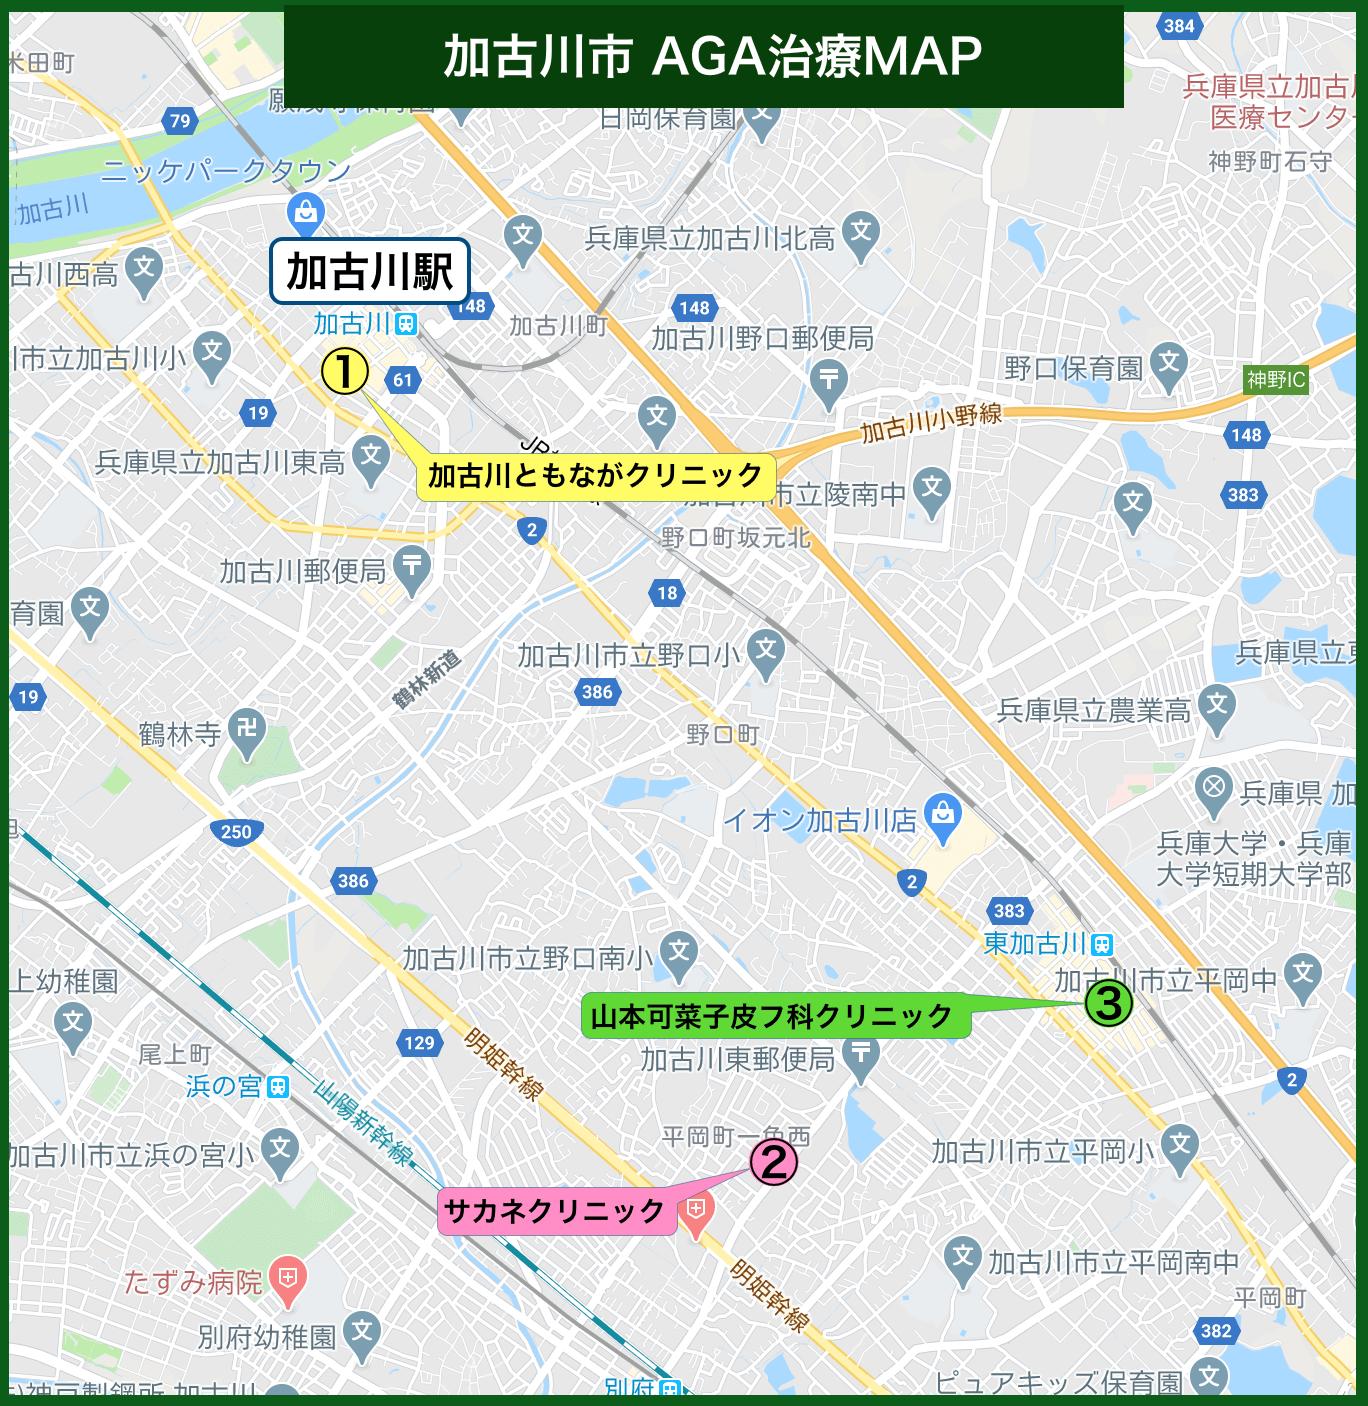 加古川市 AGA治療MAP